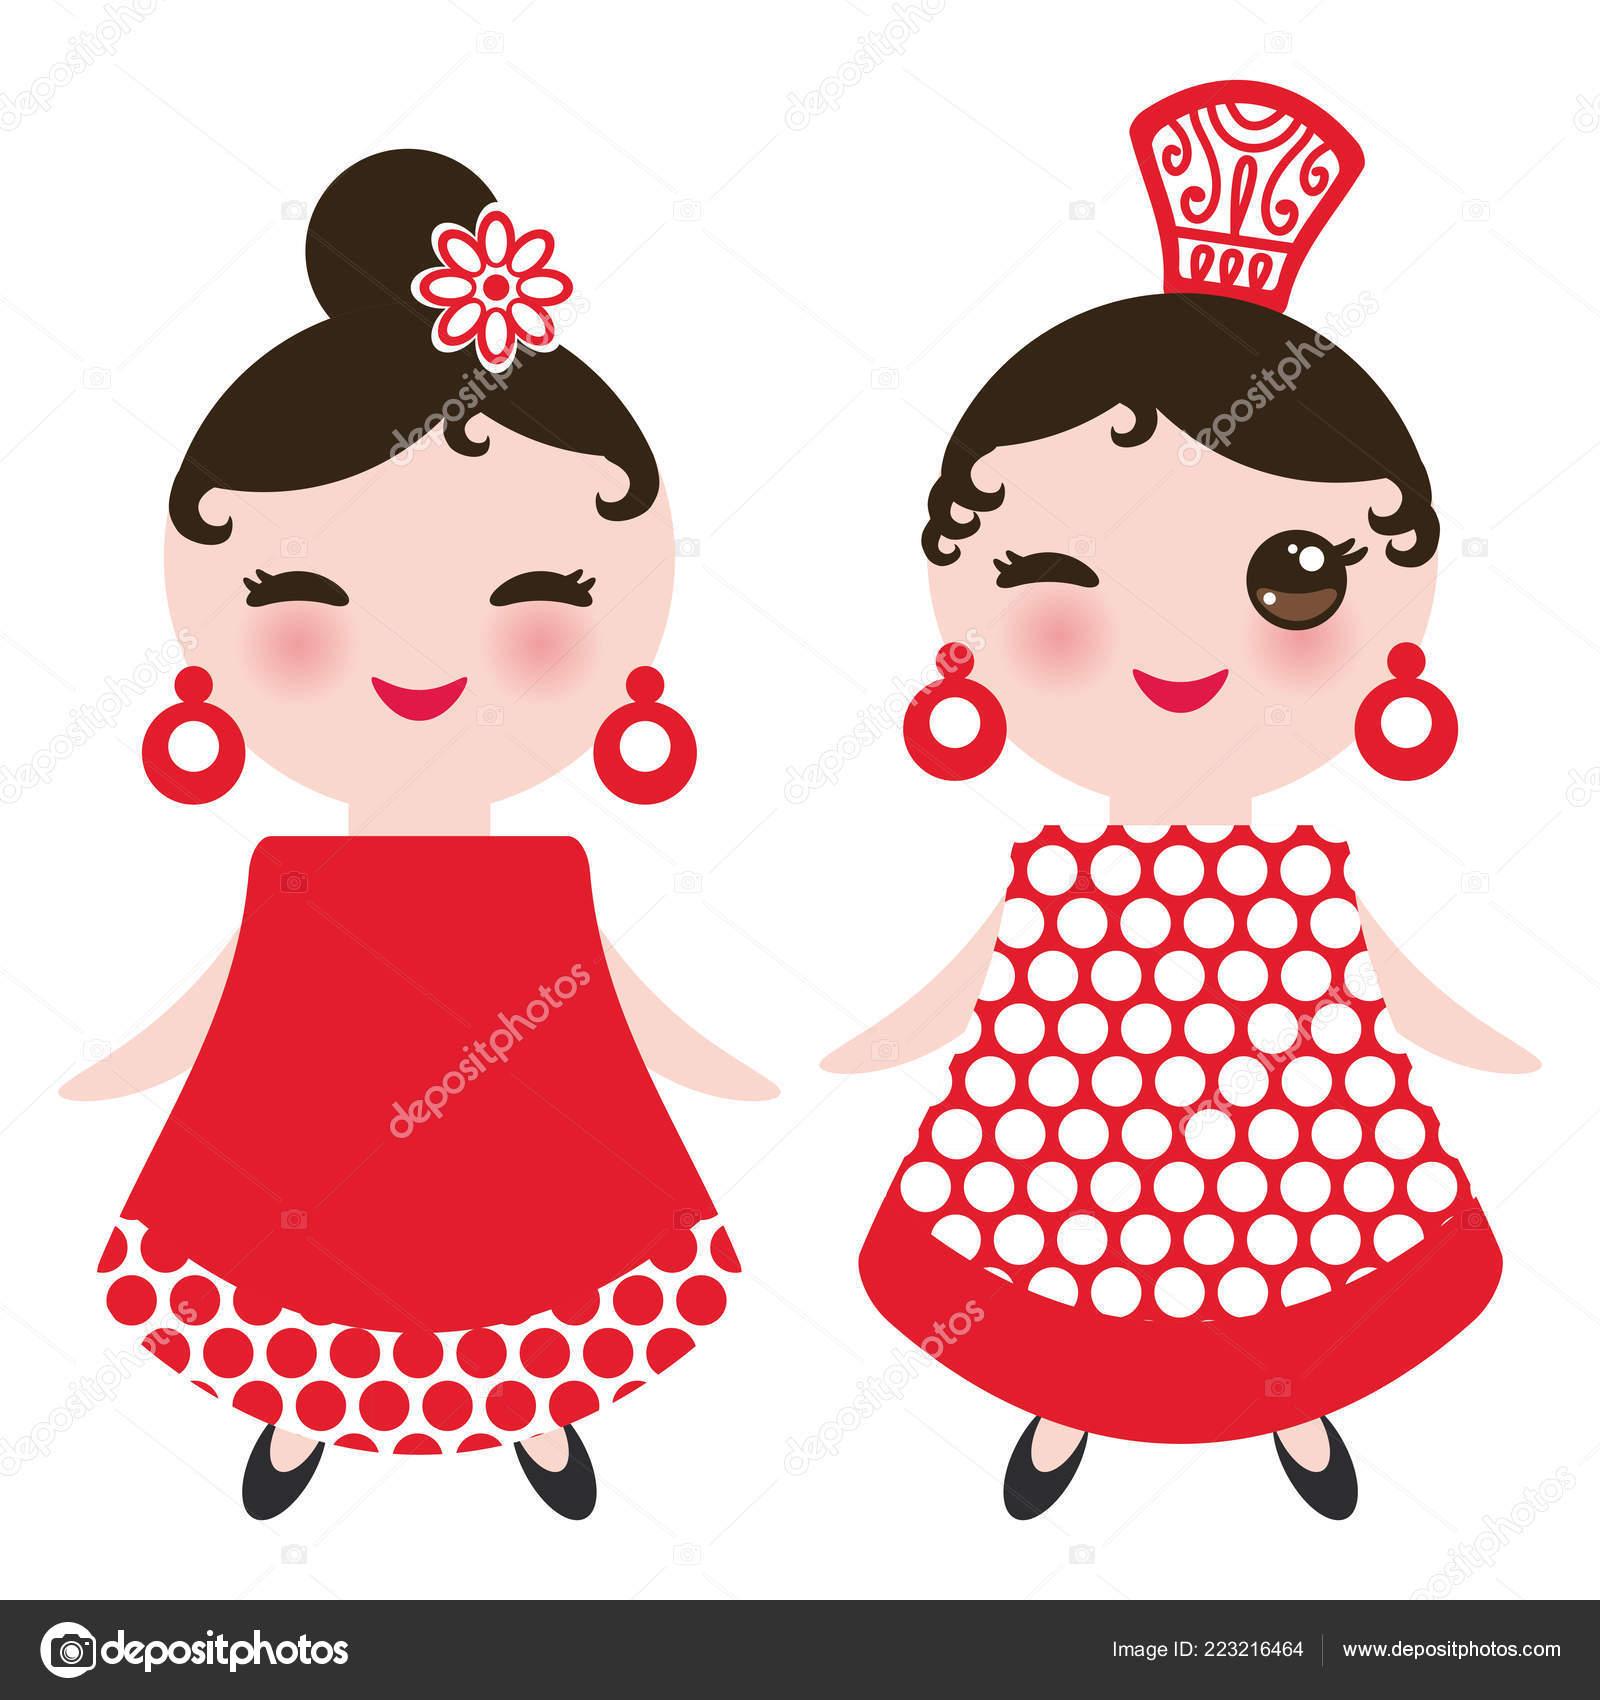 Bailarina Flamenco Española Mujer Kawaii Lindo Rostro Con Mejillas